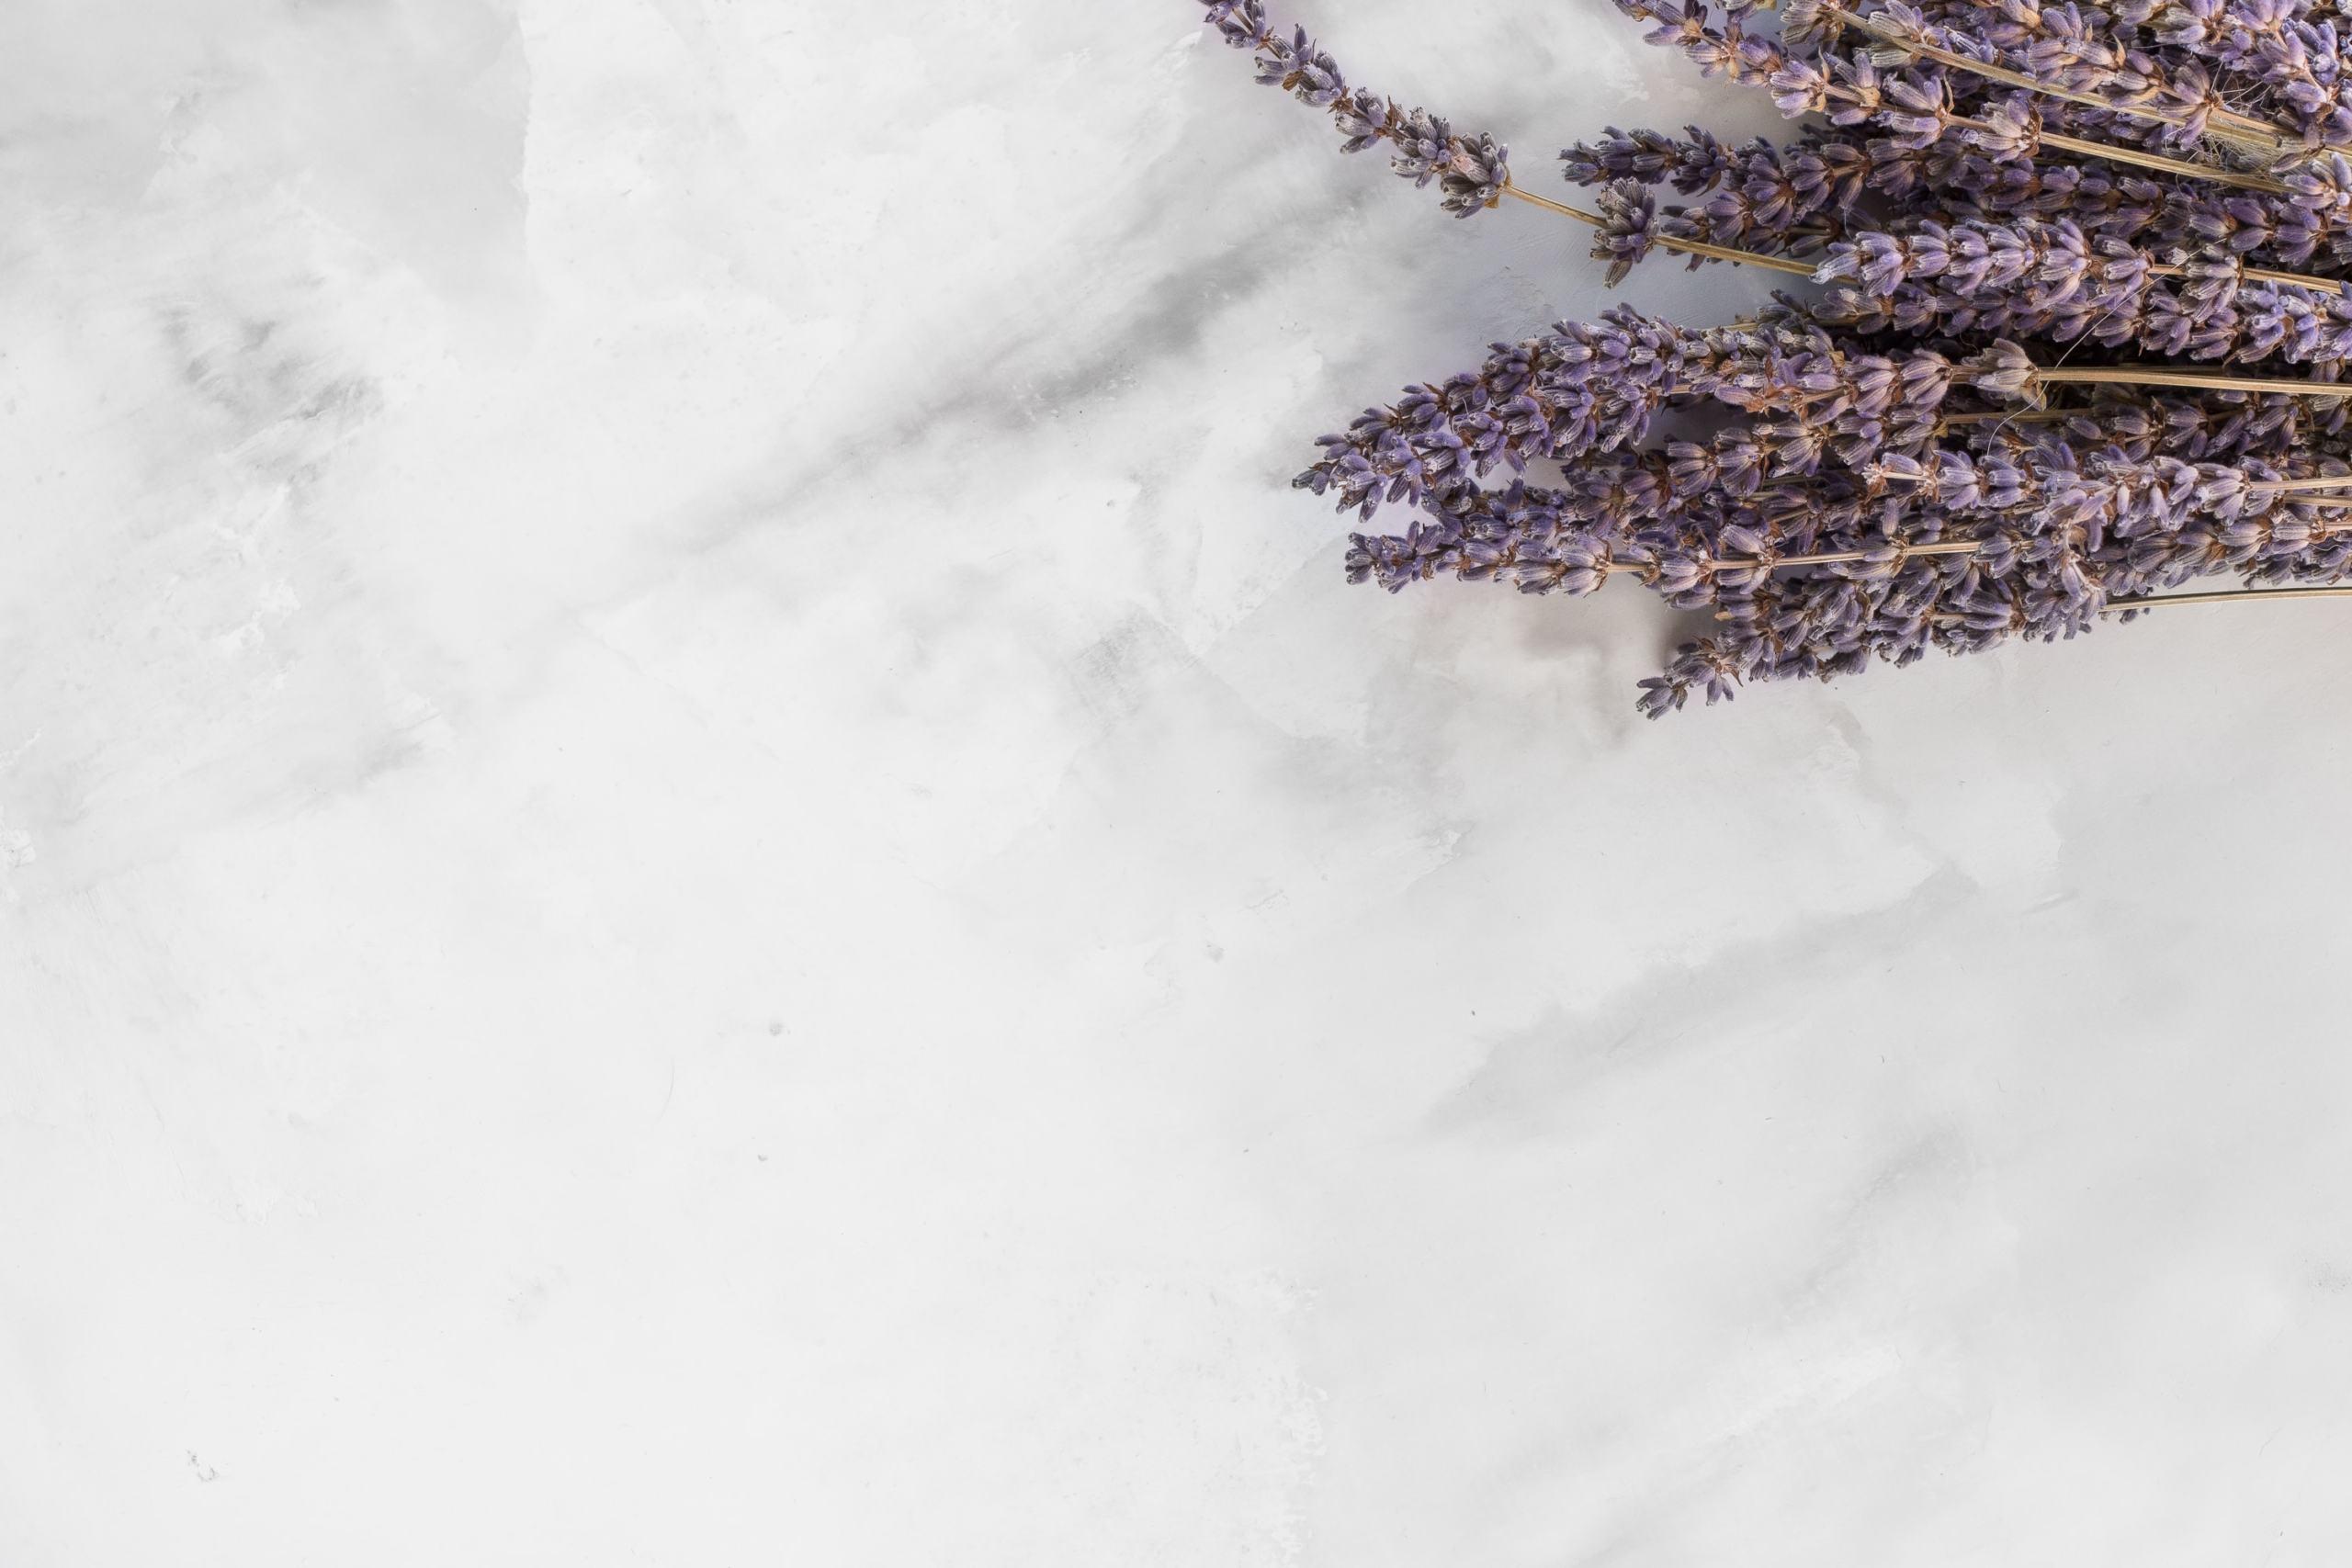 a colorful lavender plant